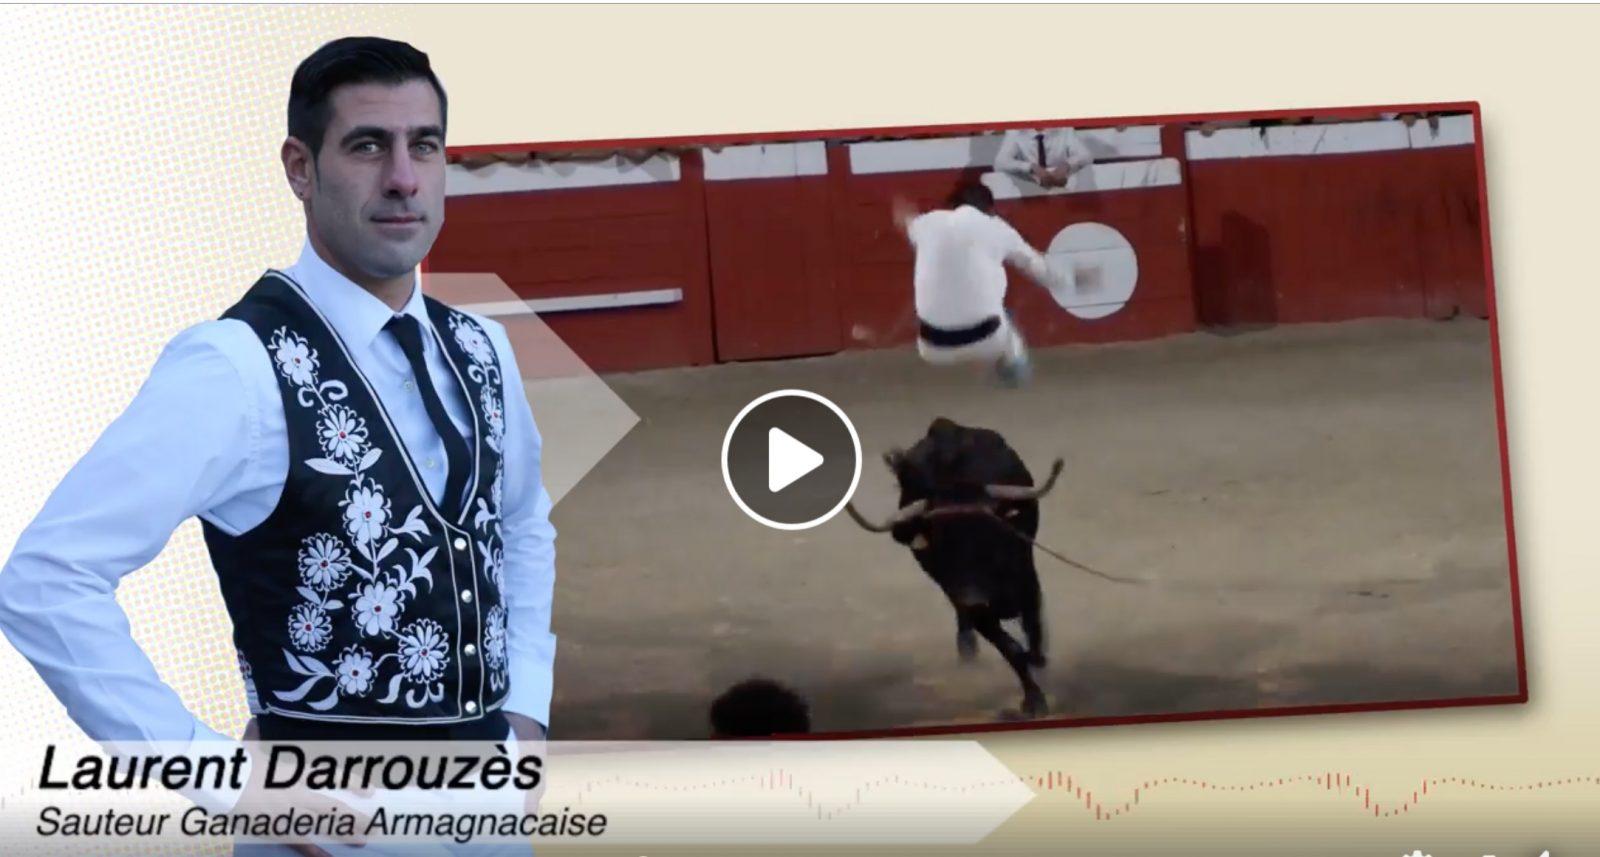 VIDEO // Interview – Laurent Darrouzès nous parle de sa blessure